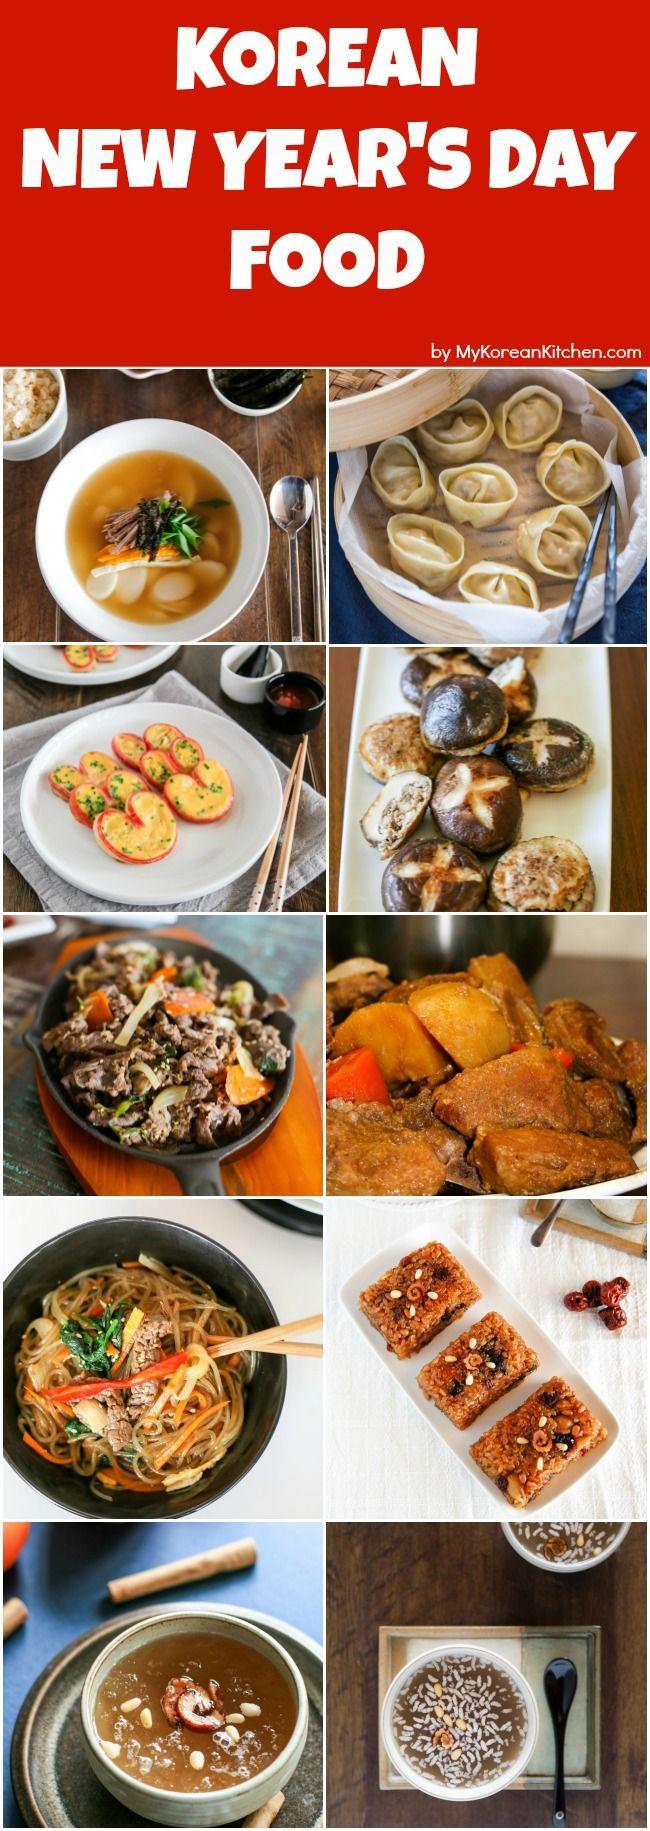 Korean New Year's Day Food Recipe Round Up | MyKoreanKitchen.com